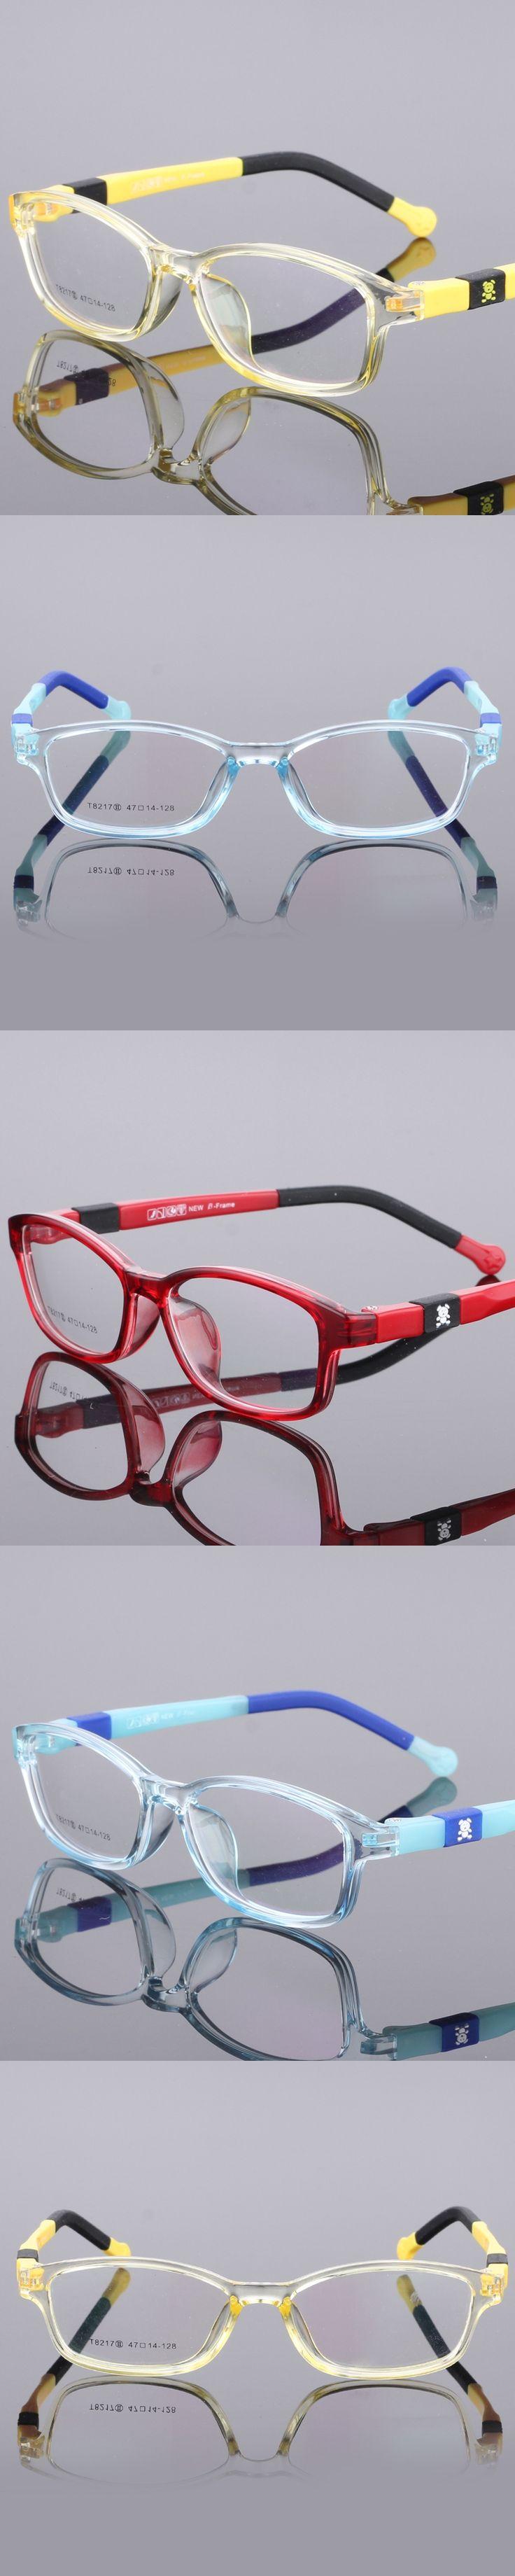 TR90 Trumpet Glasses Boy Girl Eyeglasses Lightweight Flexible Eyewear Frame Children Prescription Glasses frame 8217